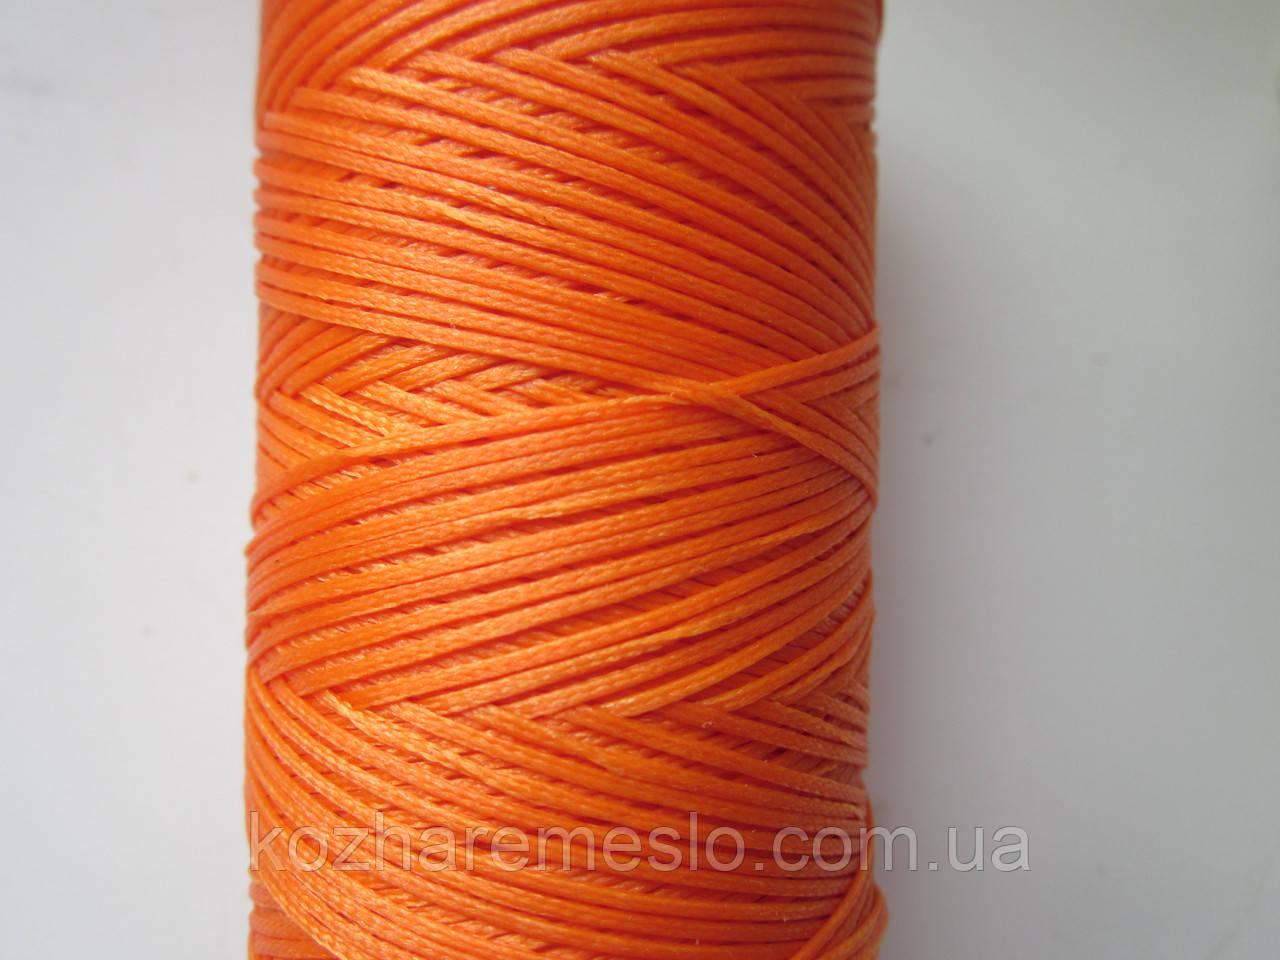 Нить вощёная плоская 0,8 мм оранжевая